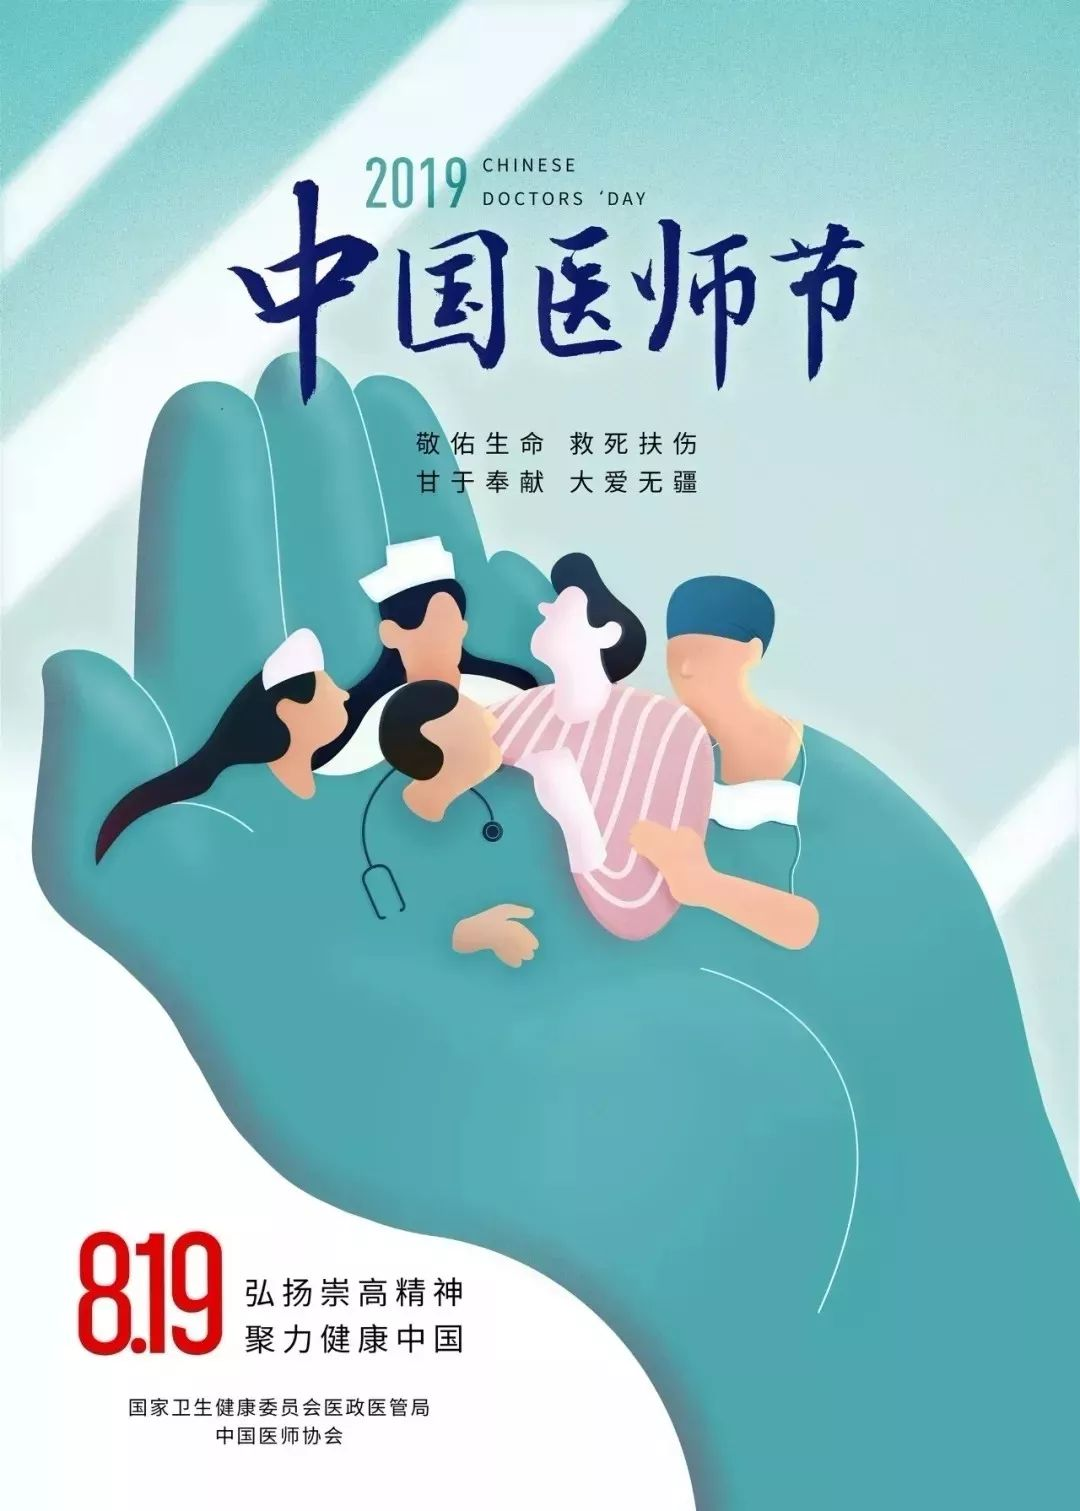 中国医师节 | IBD病理诊断再强化